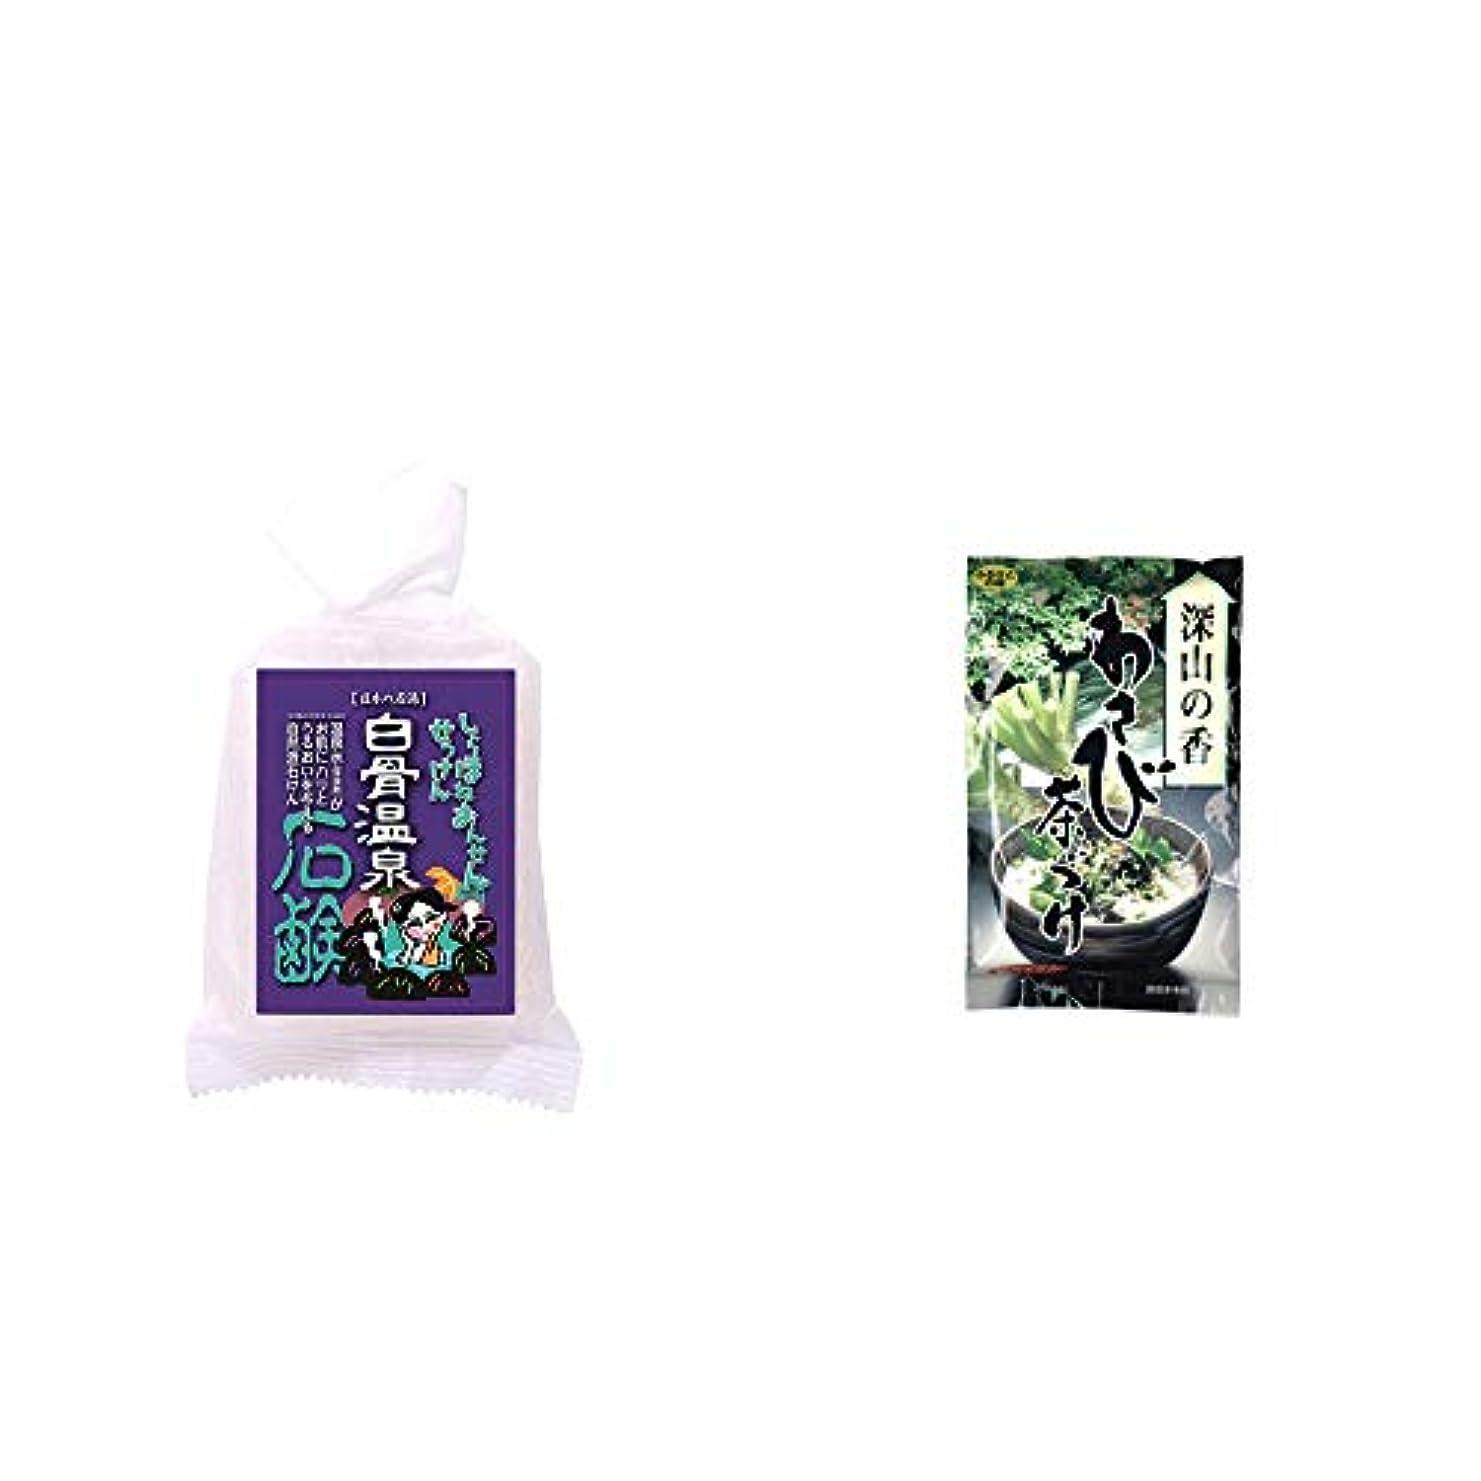 緩める見捨てられた雪[2点セット] 信州 白骨温泉石鹸(80g)?特選茶漬け 深山の香 わさび茶づけ(10袋入)